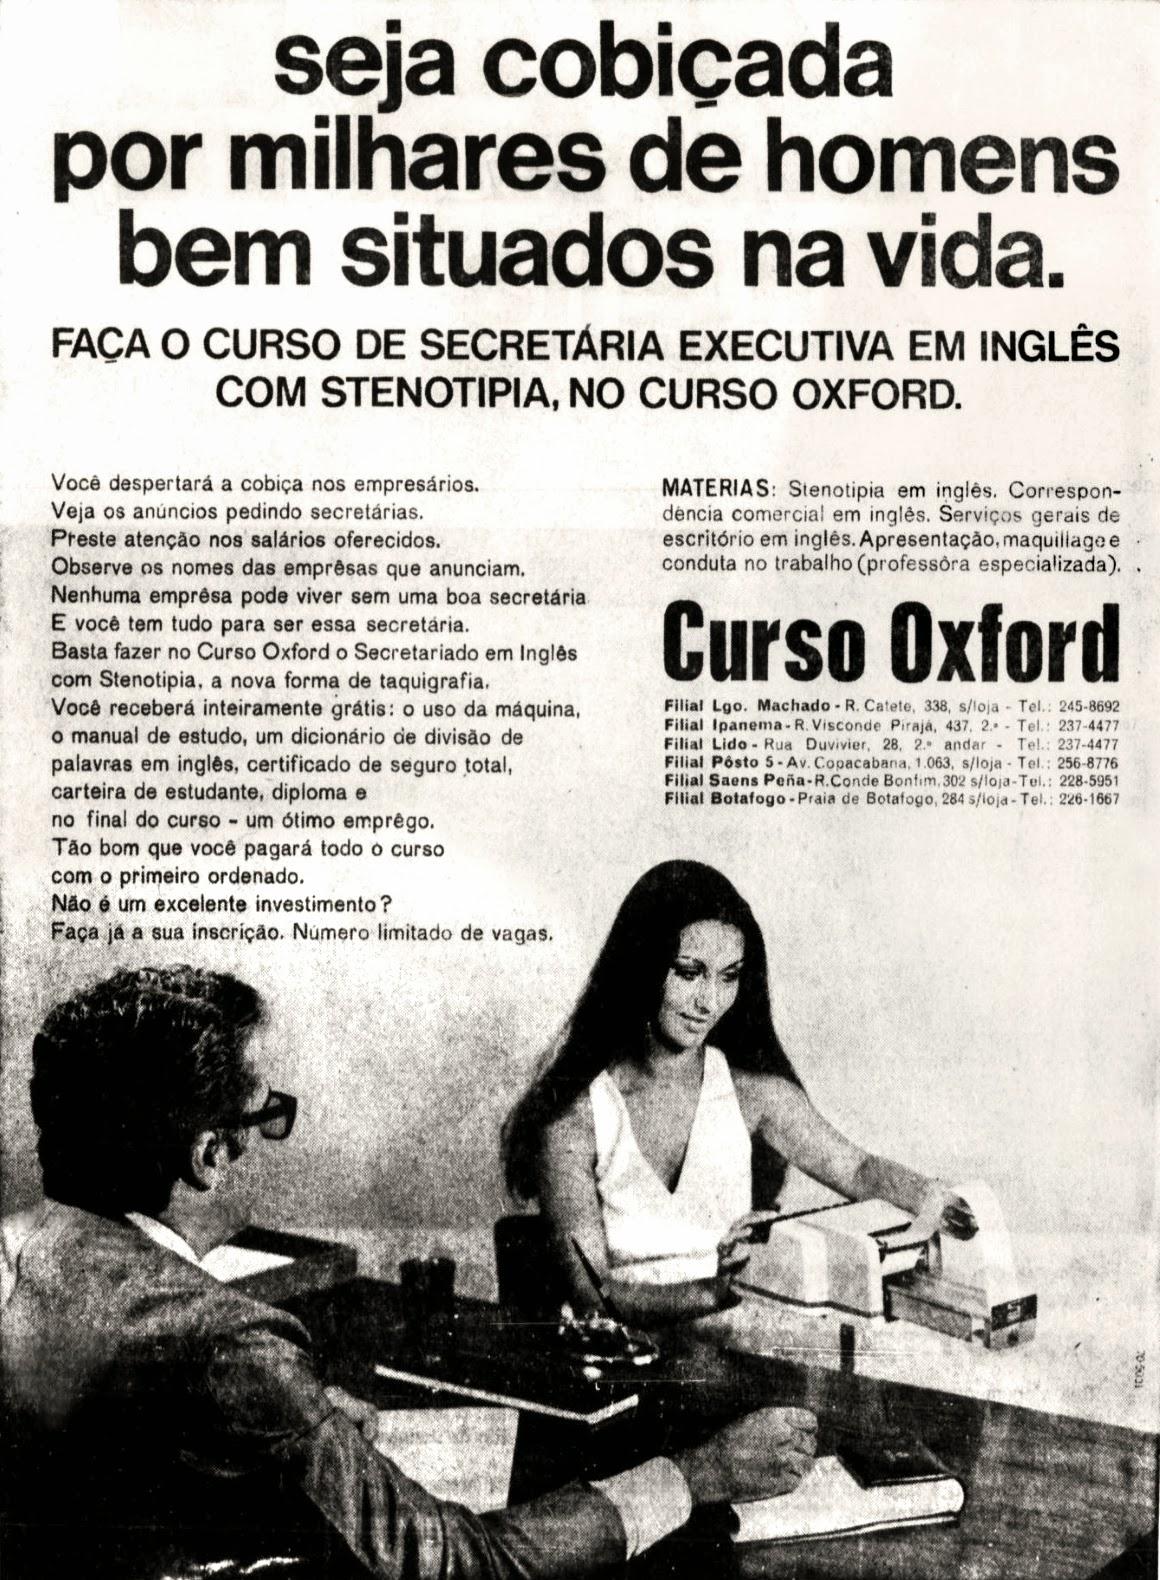 os anos 70; propaganda na década de 70; Brazil in the 70s.